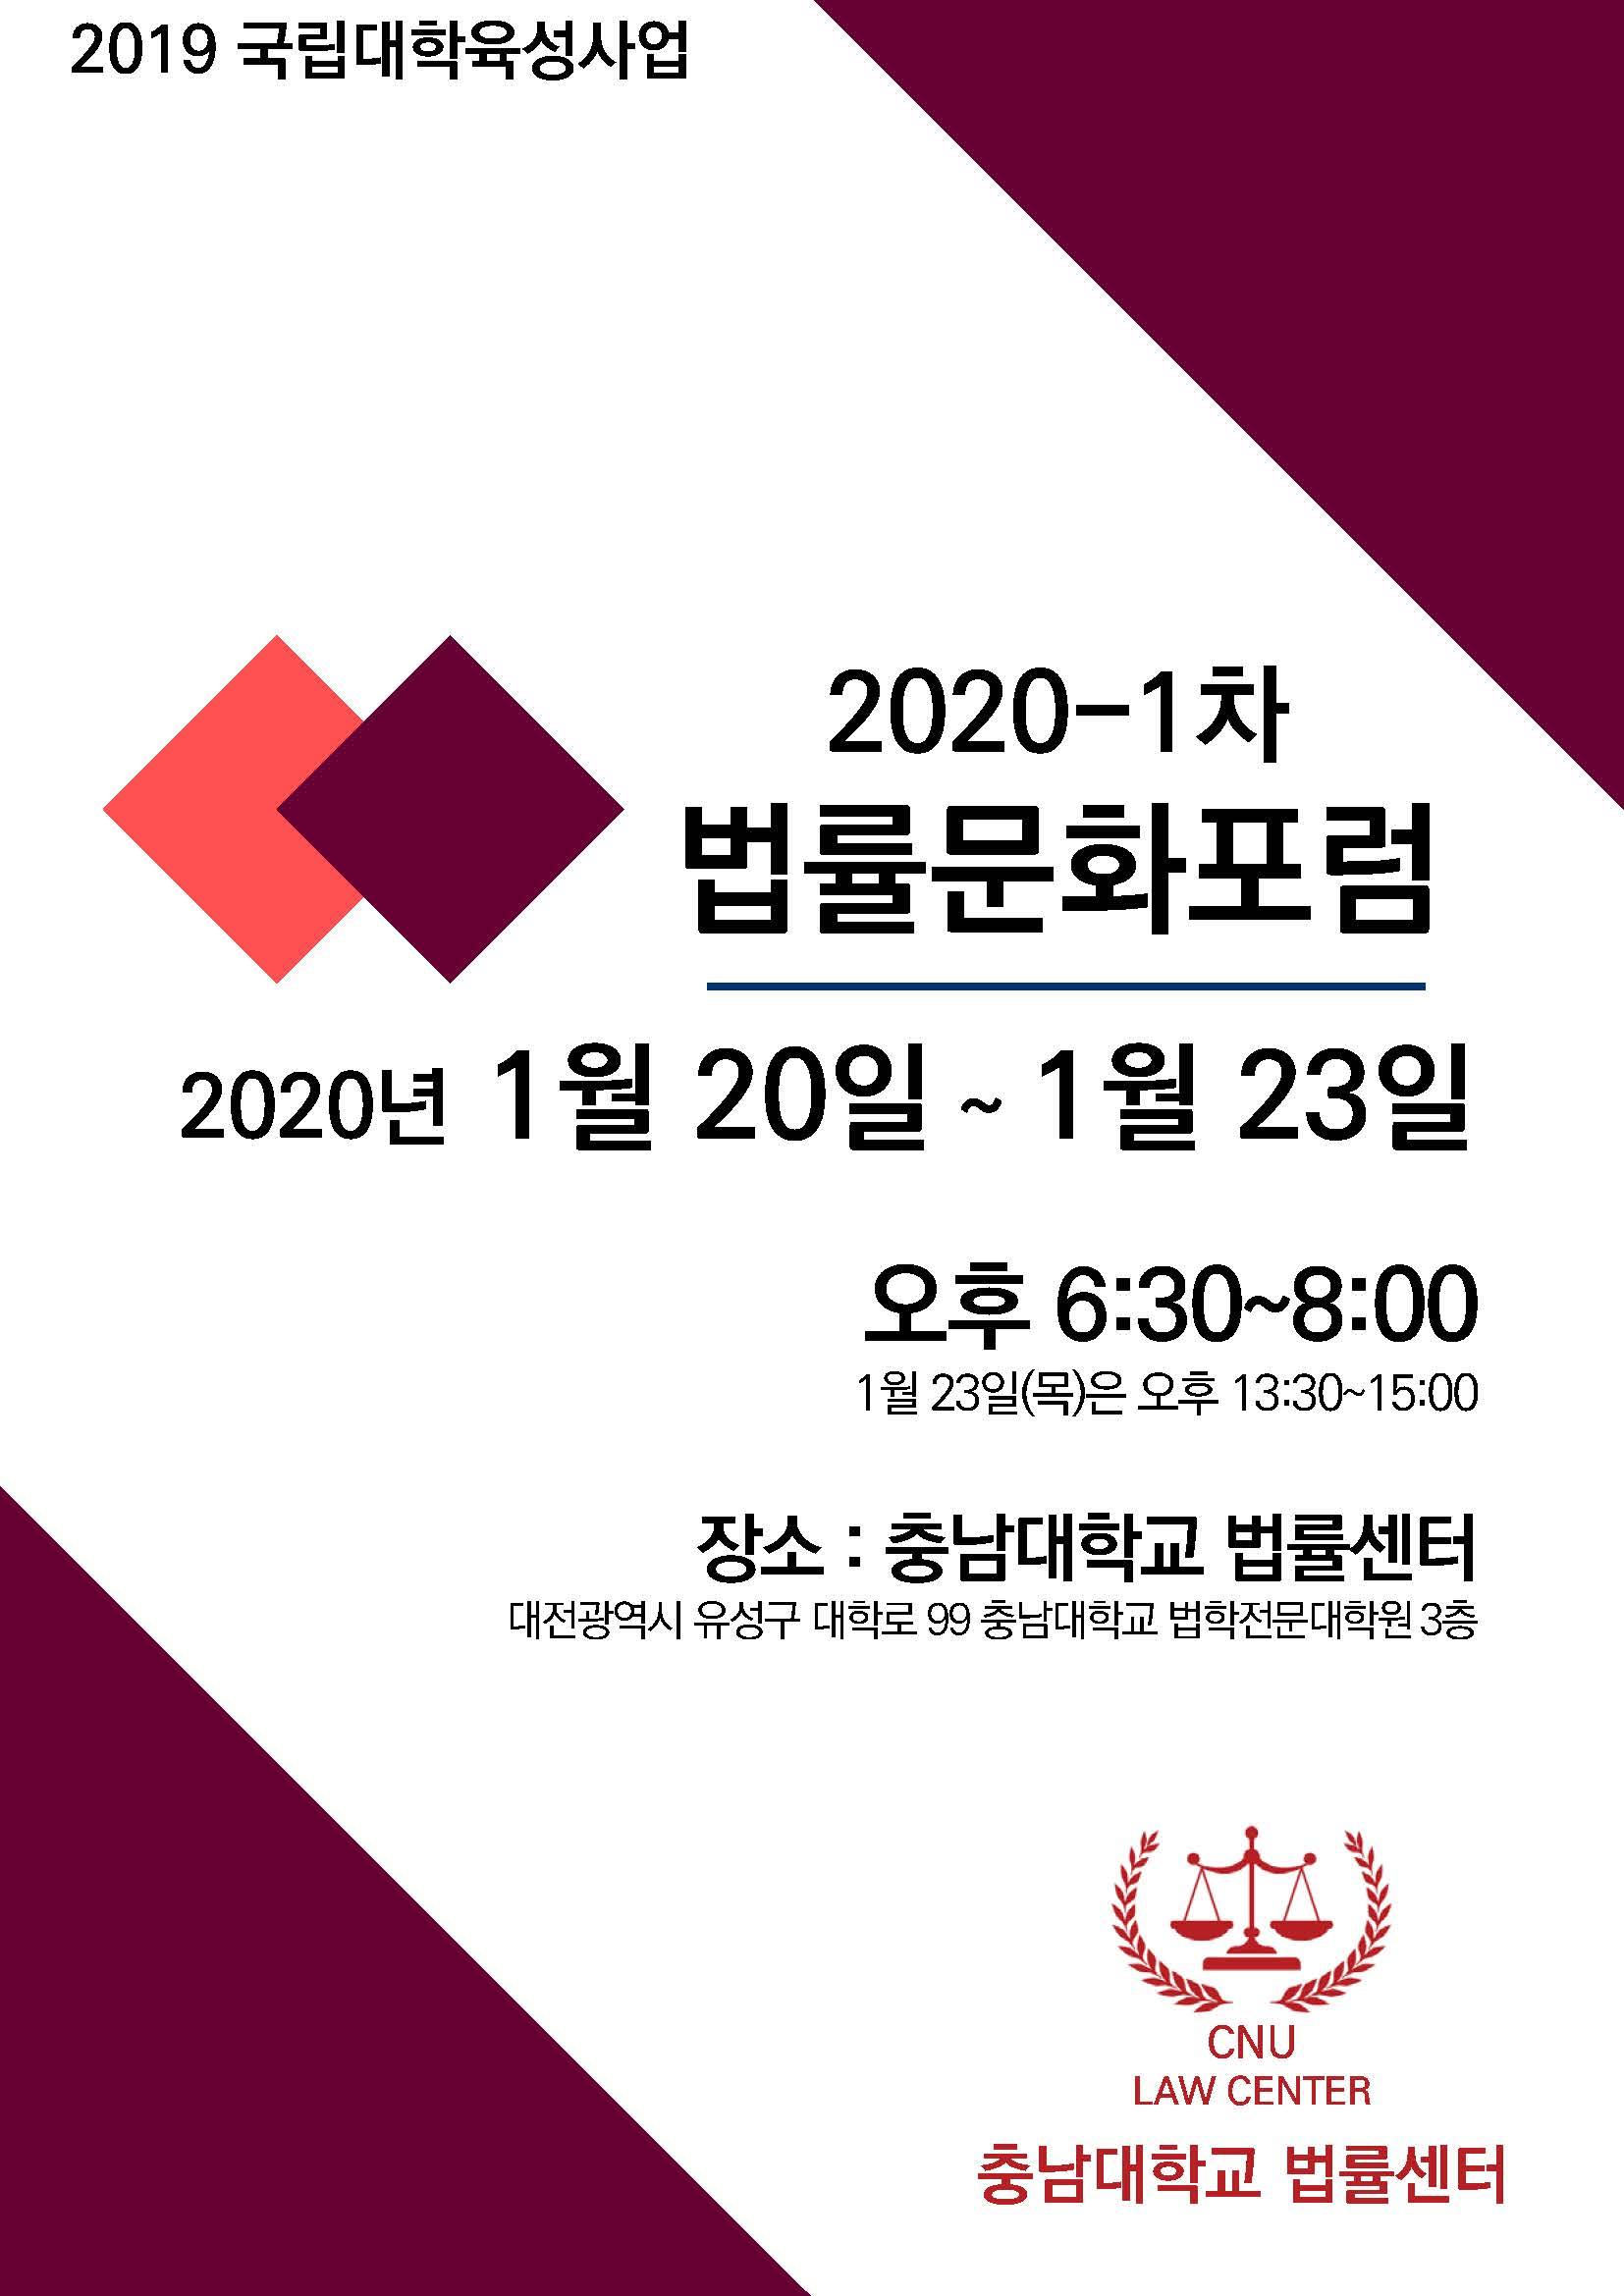 2020 법률문화포럼 홍보물_페이지_1.jpg